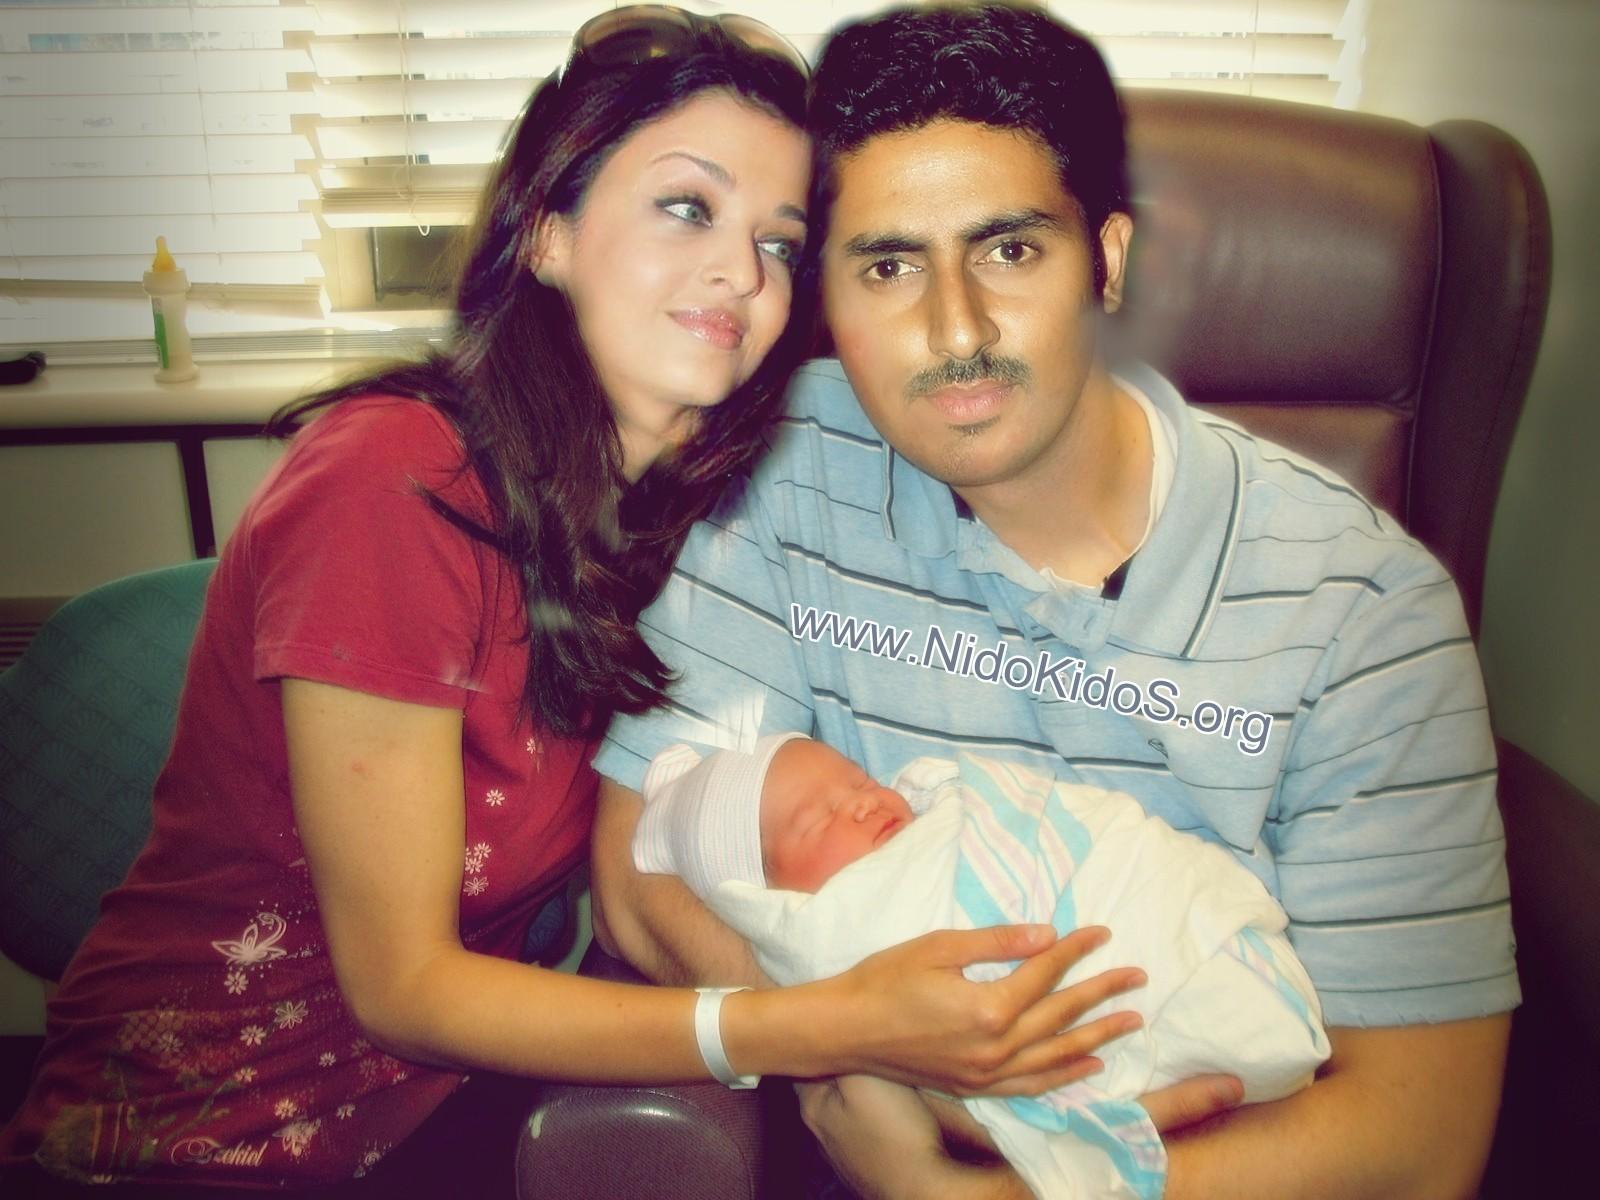 http://4.bp.blogspot.com/-Q47-NovZRfc/TsfT39-EUfI/AAAAAAAAX5o/8iFD3Eved-o/s1600/aishwarya+baby+girl.jpg